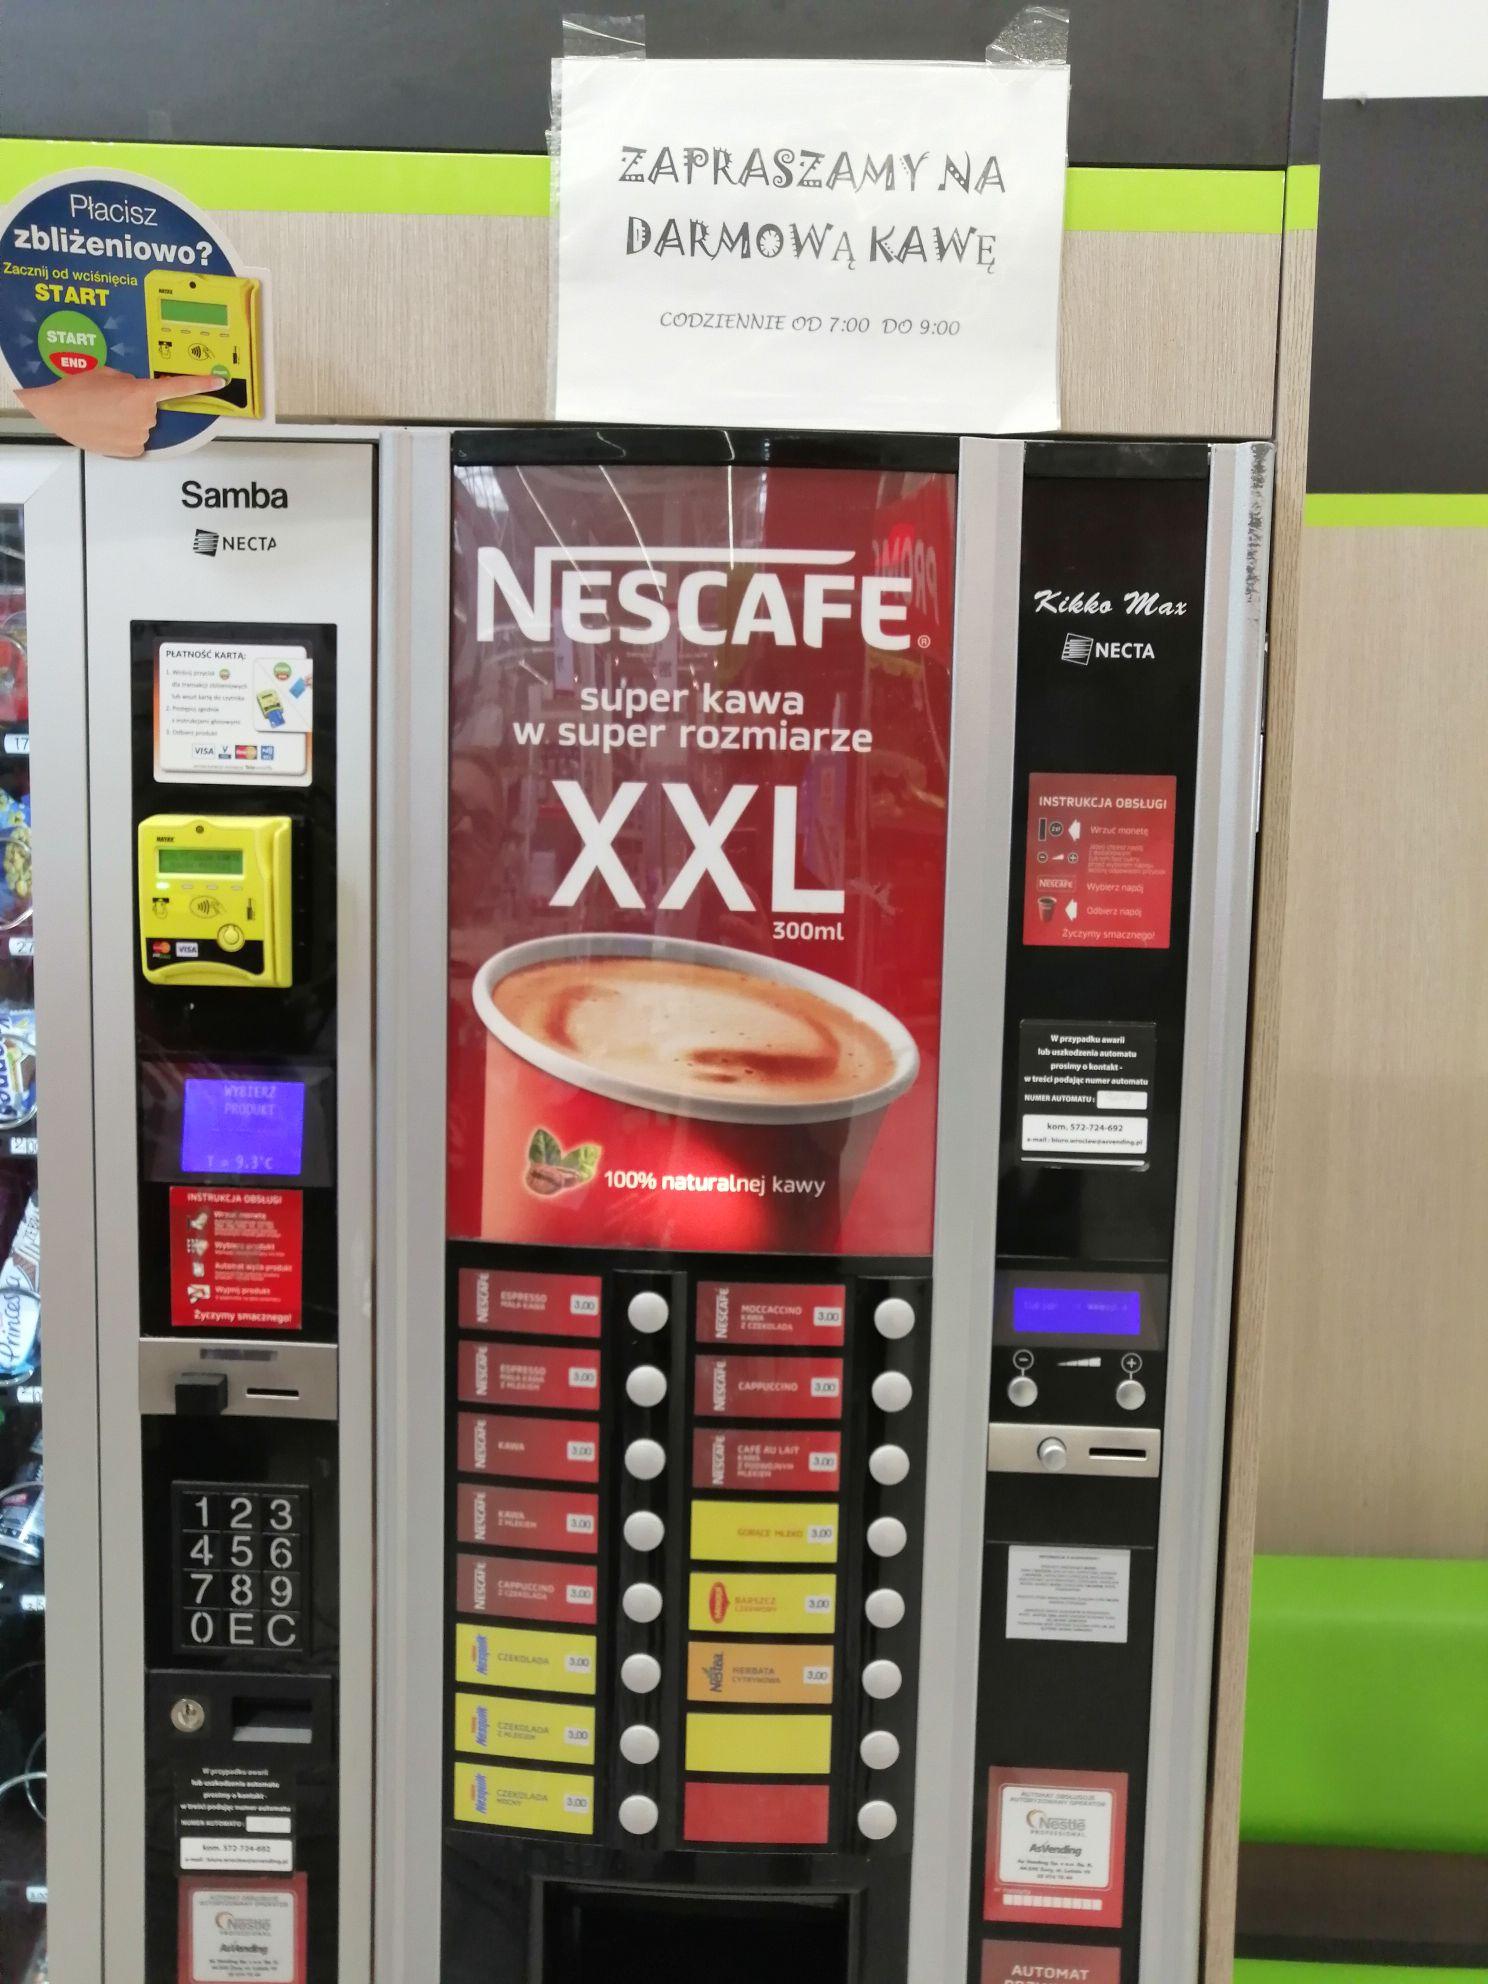 Darmowa kawa codziennie od 7 do 9 w Leroy Merlin